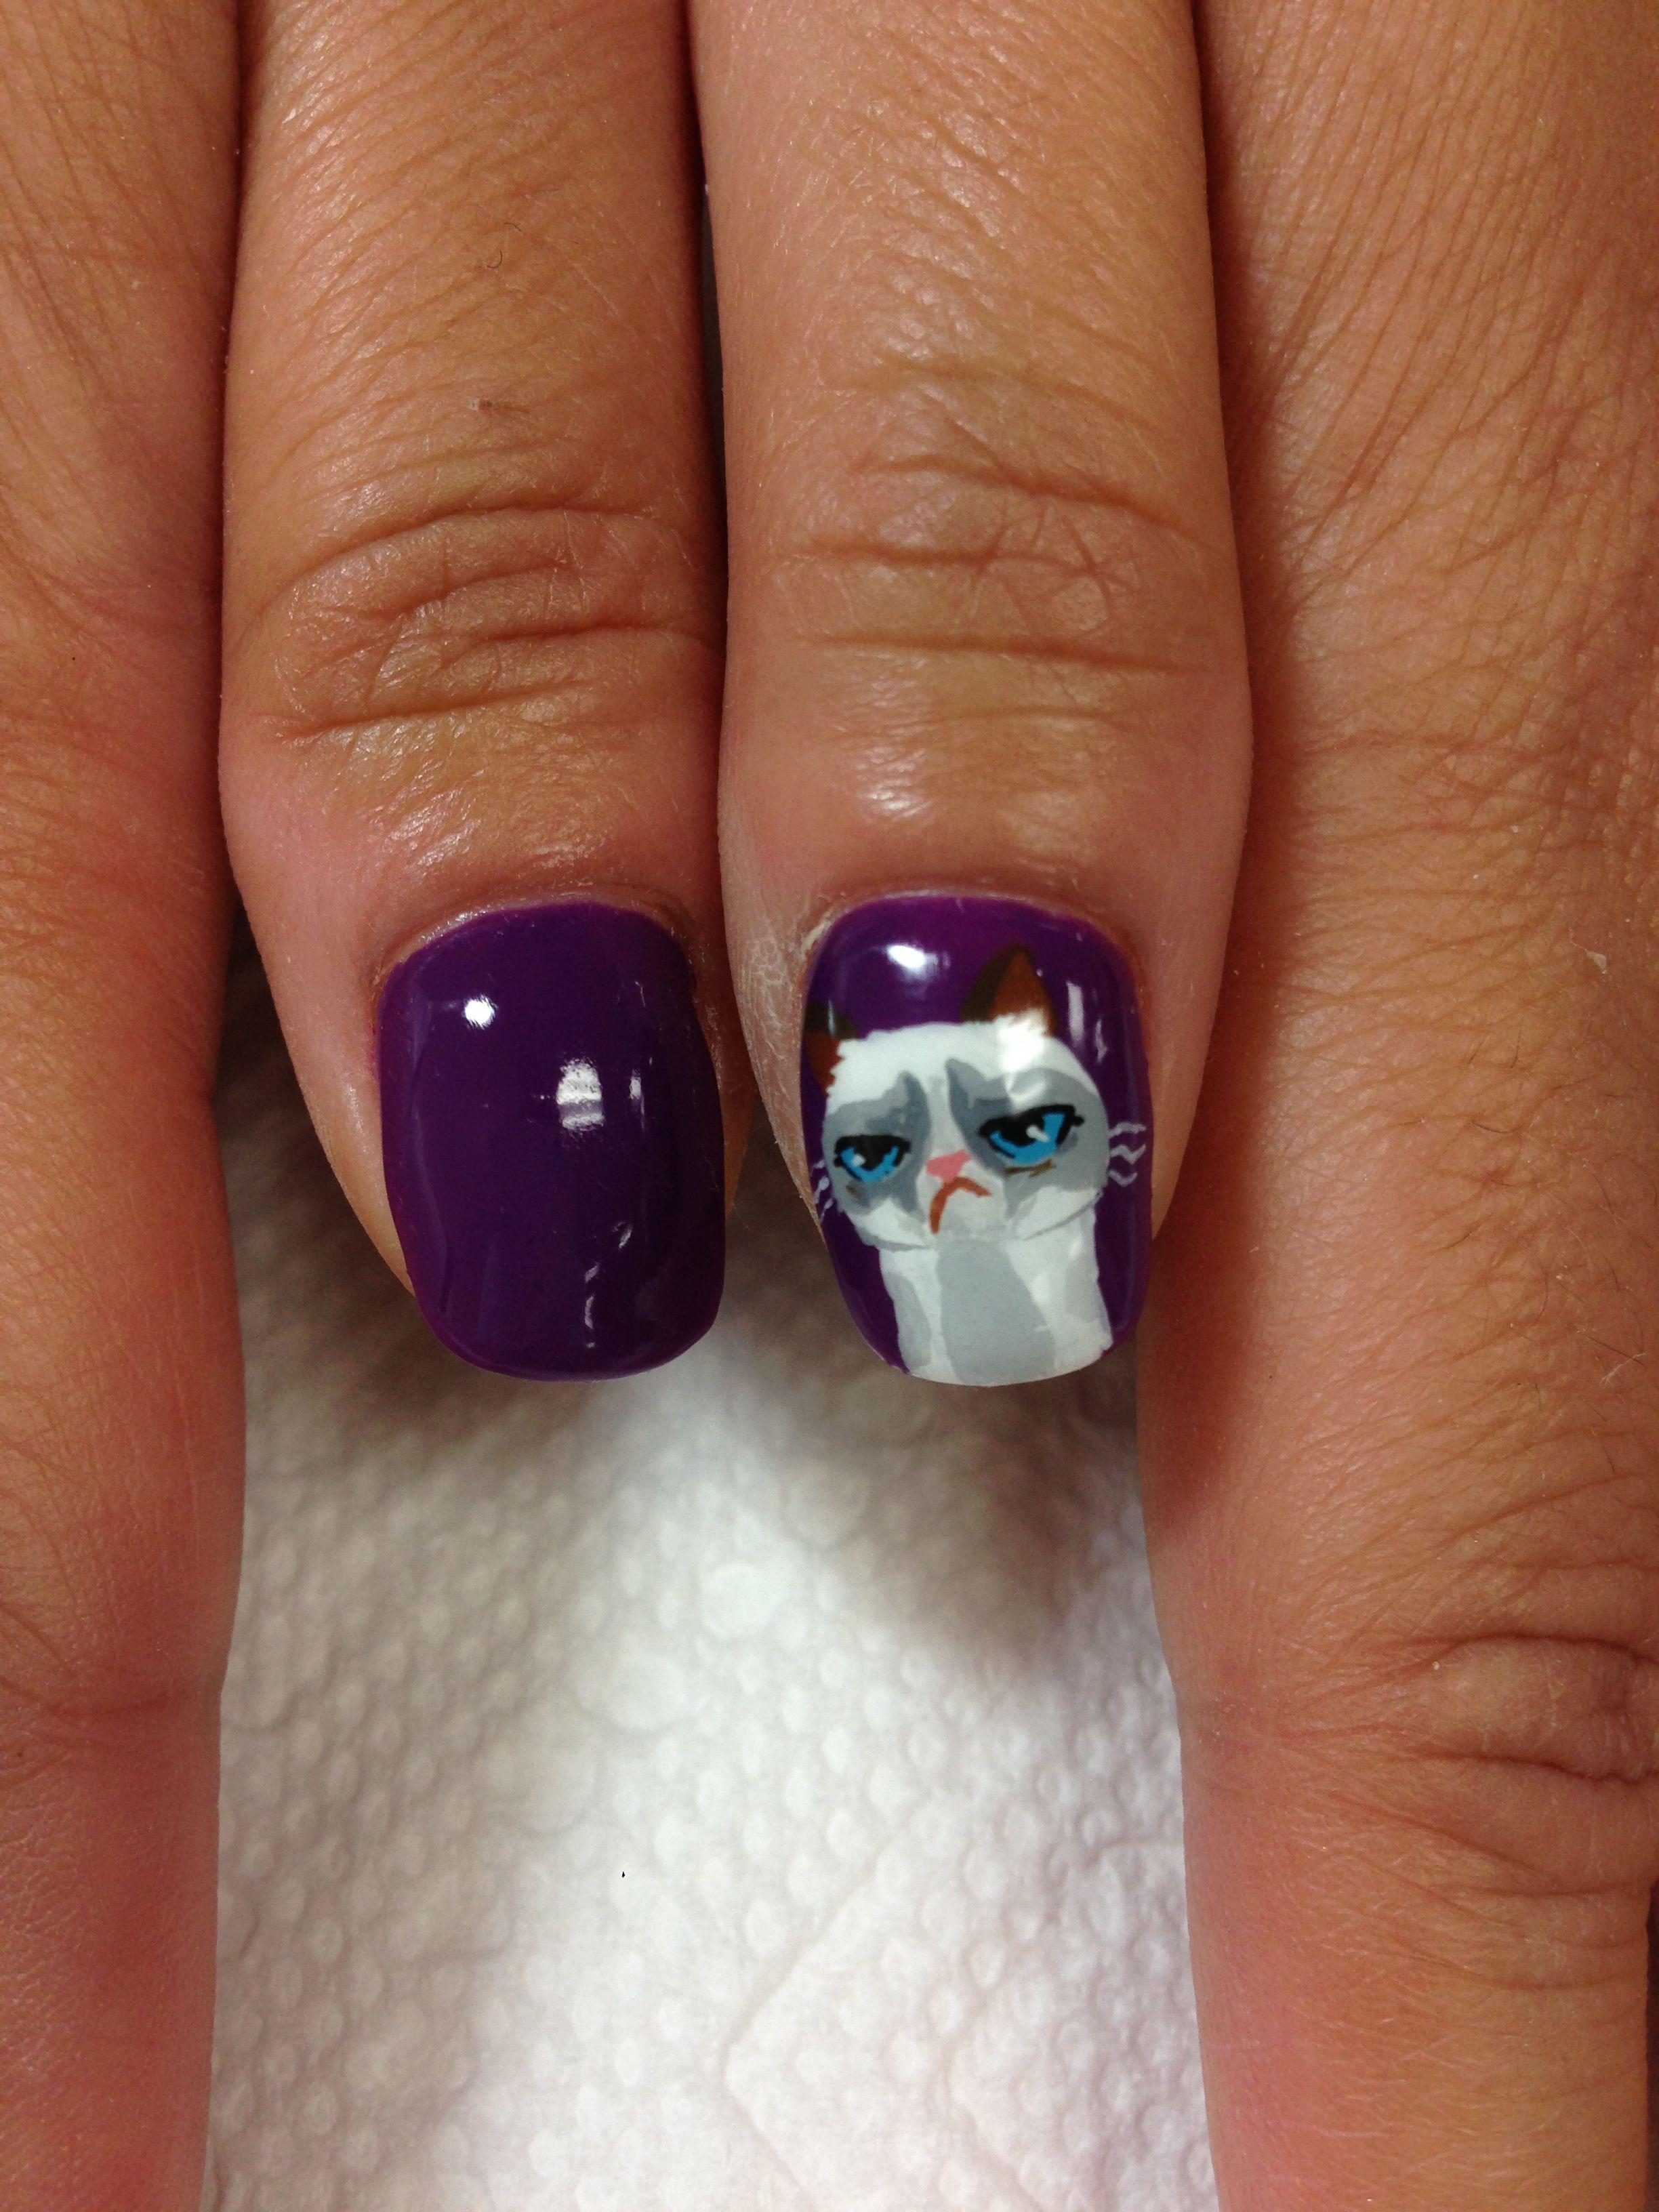 Grumpy cat gel nails